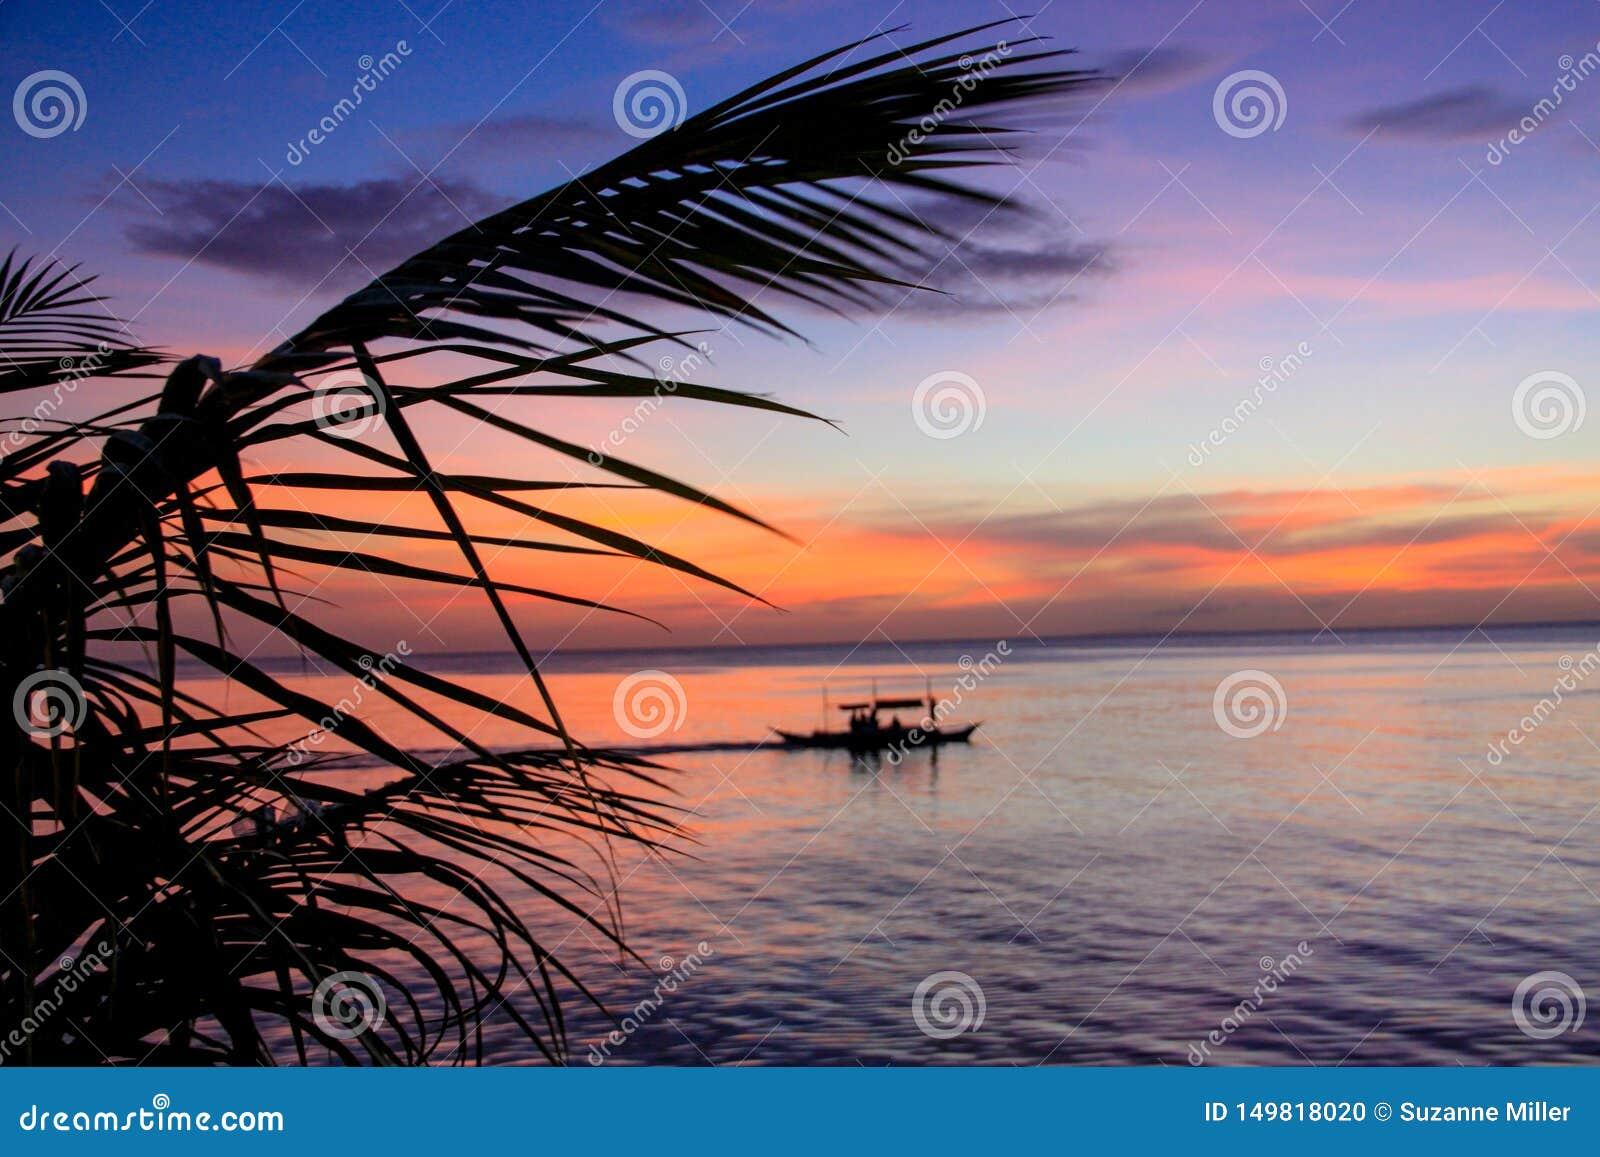 Αλιευτικό σκάφος στο ηλιοβασίλεμα